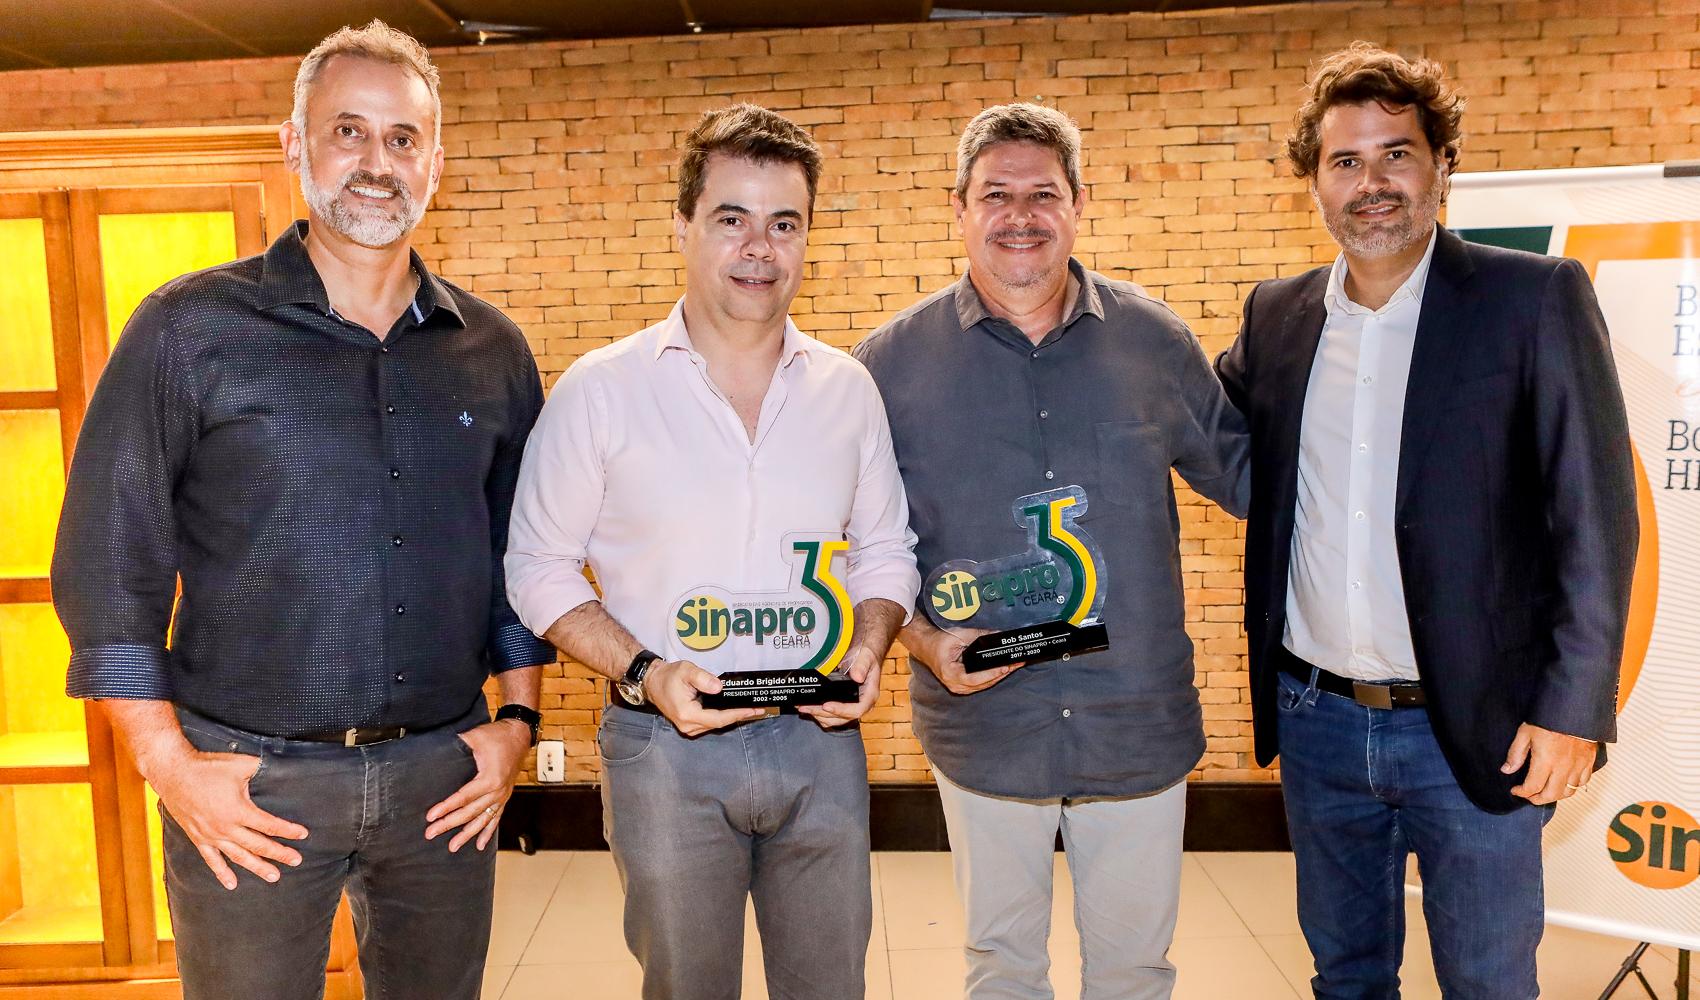 Sinapro Ceará brinda seus 35 anos com homenagem aos ex-presidentes da entidade